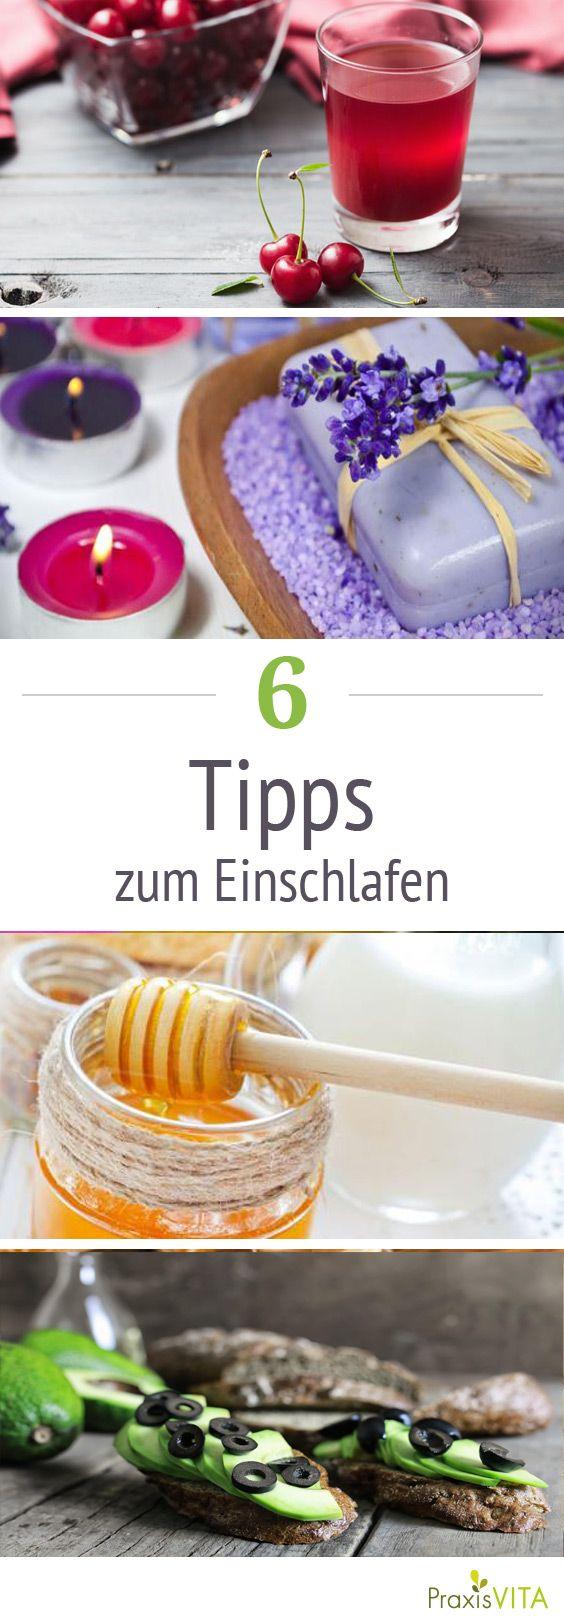 Studien belegen, dass der Duft von Lavendel beruhigt und so bei Einschlafstörungen helfen kann...